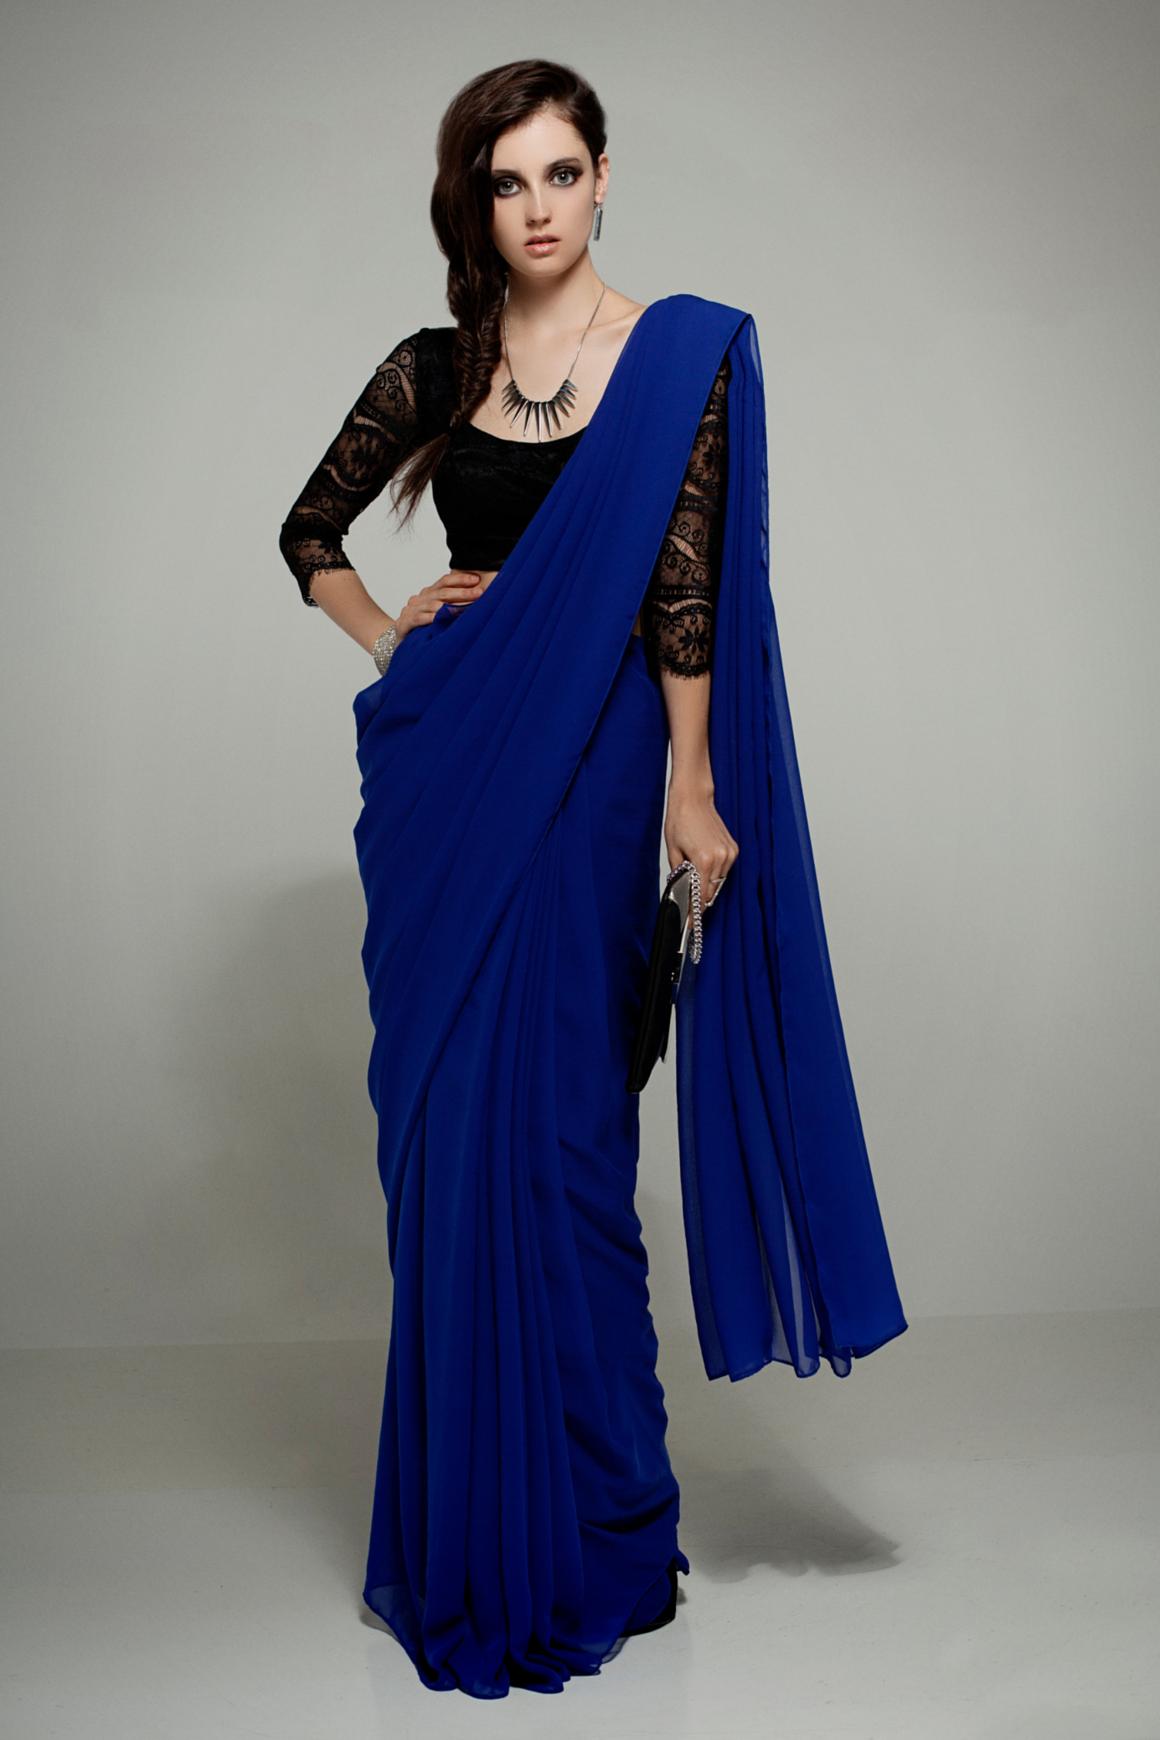 42890889 Lace Saree, Chiffon Saree, Sari Blouse, Royal Blue Saree, Royal Blue Blouse